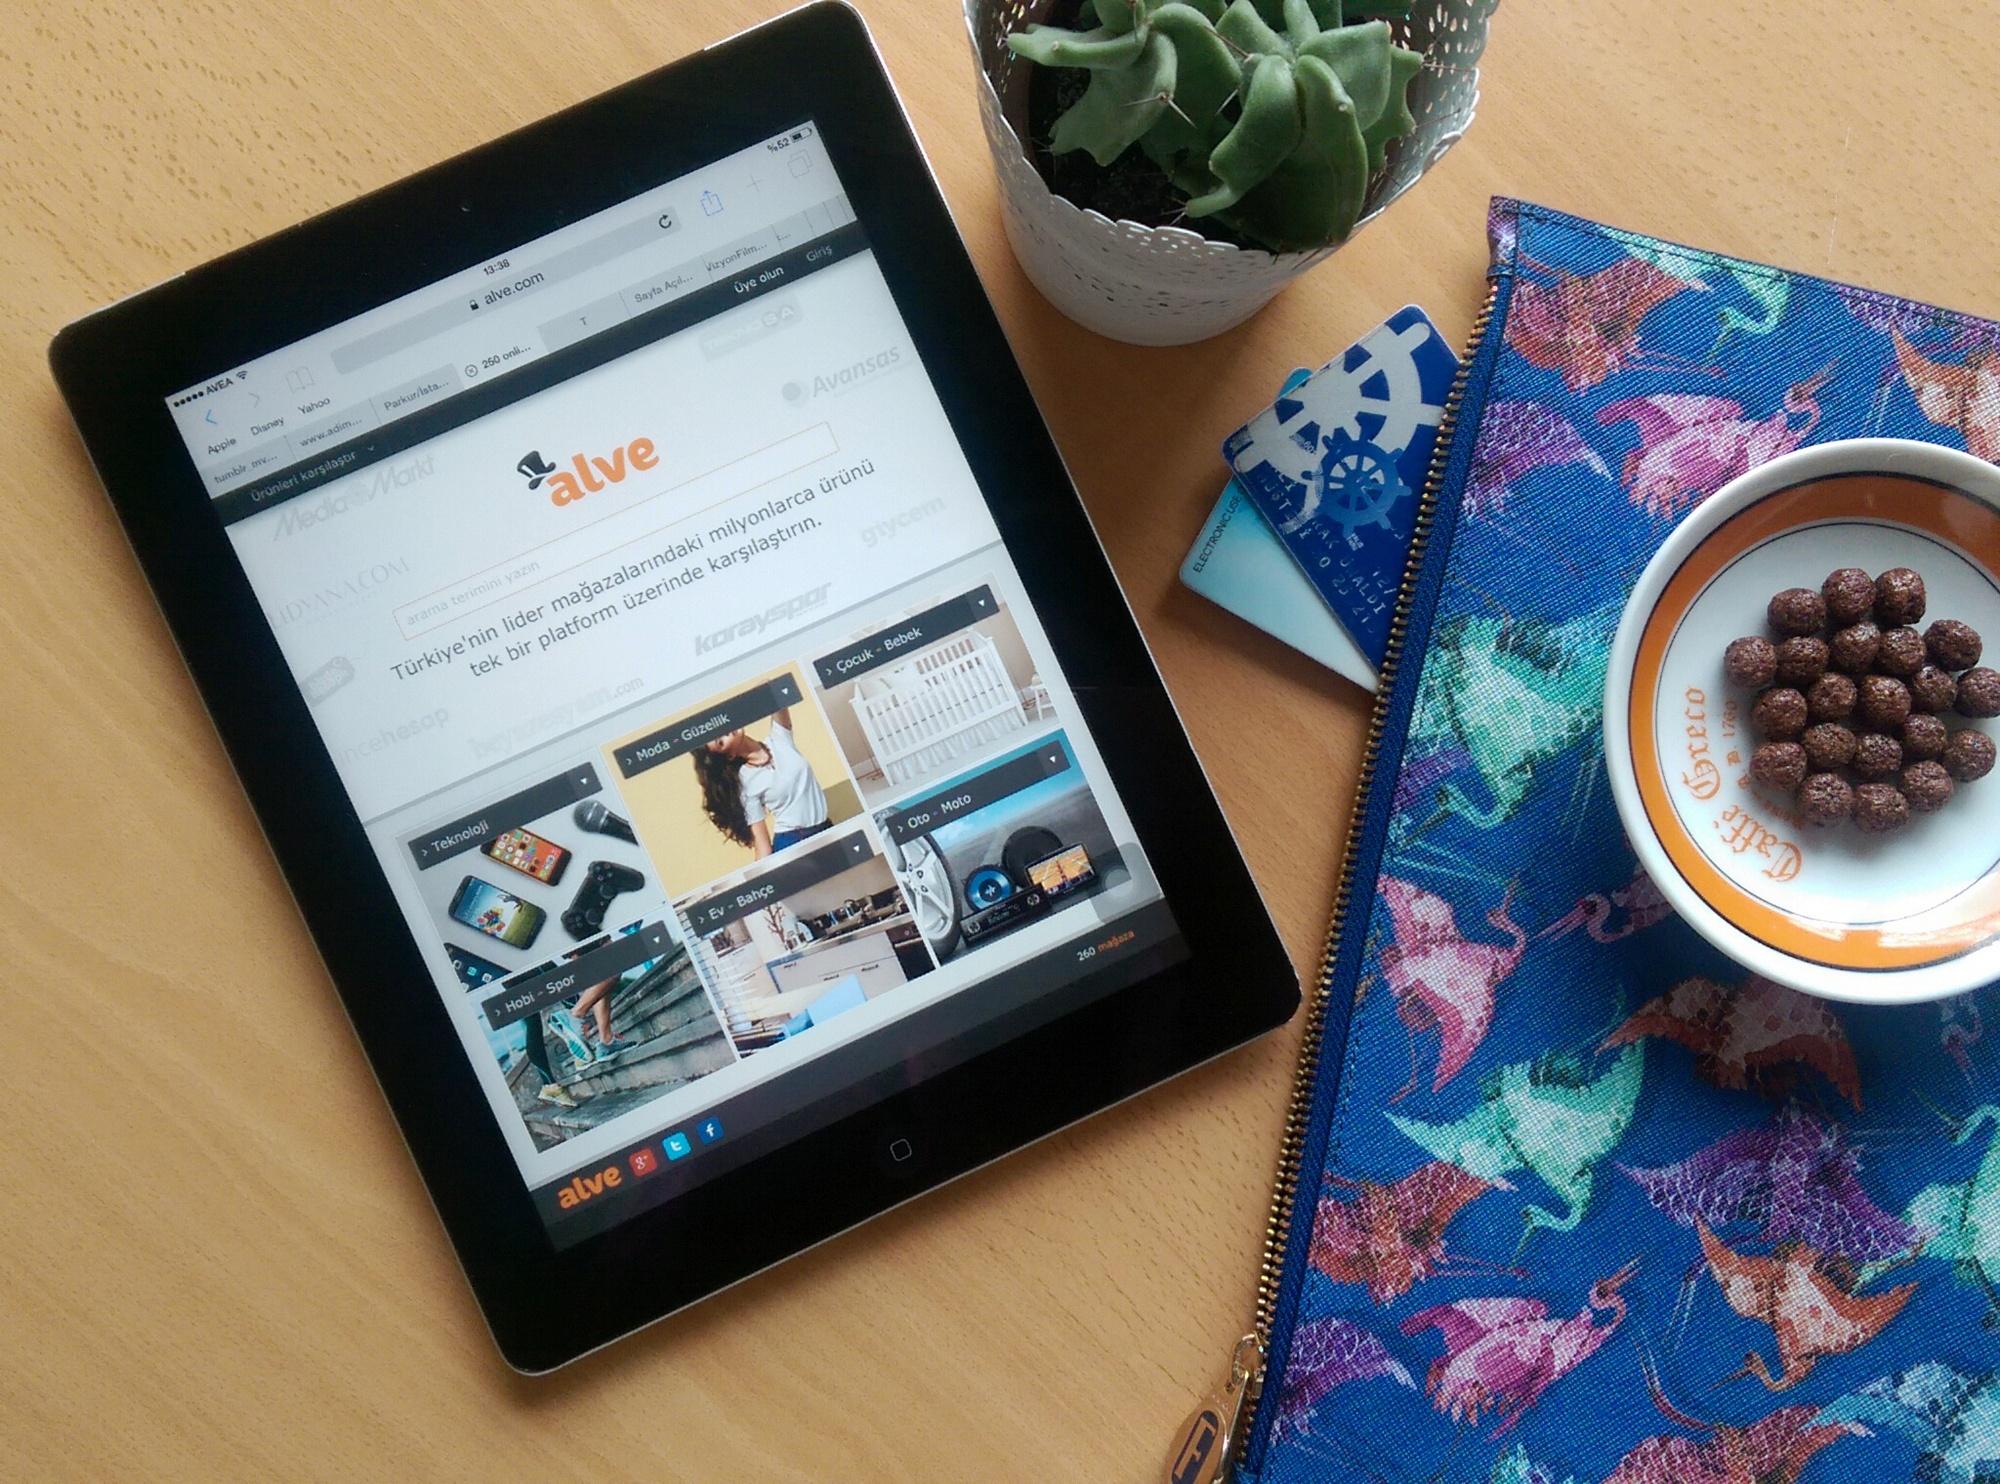 alve01, alve.com, karşılaştırmalı online alışveriş, alve artık türkiyede , filtre, online alışveriş, e-ticaret